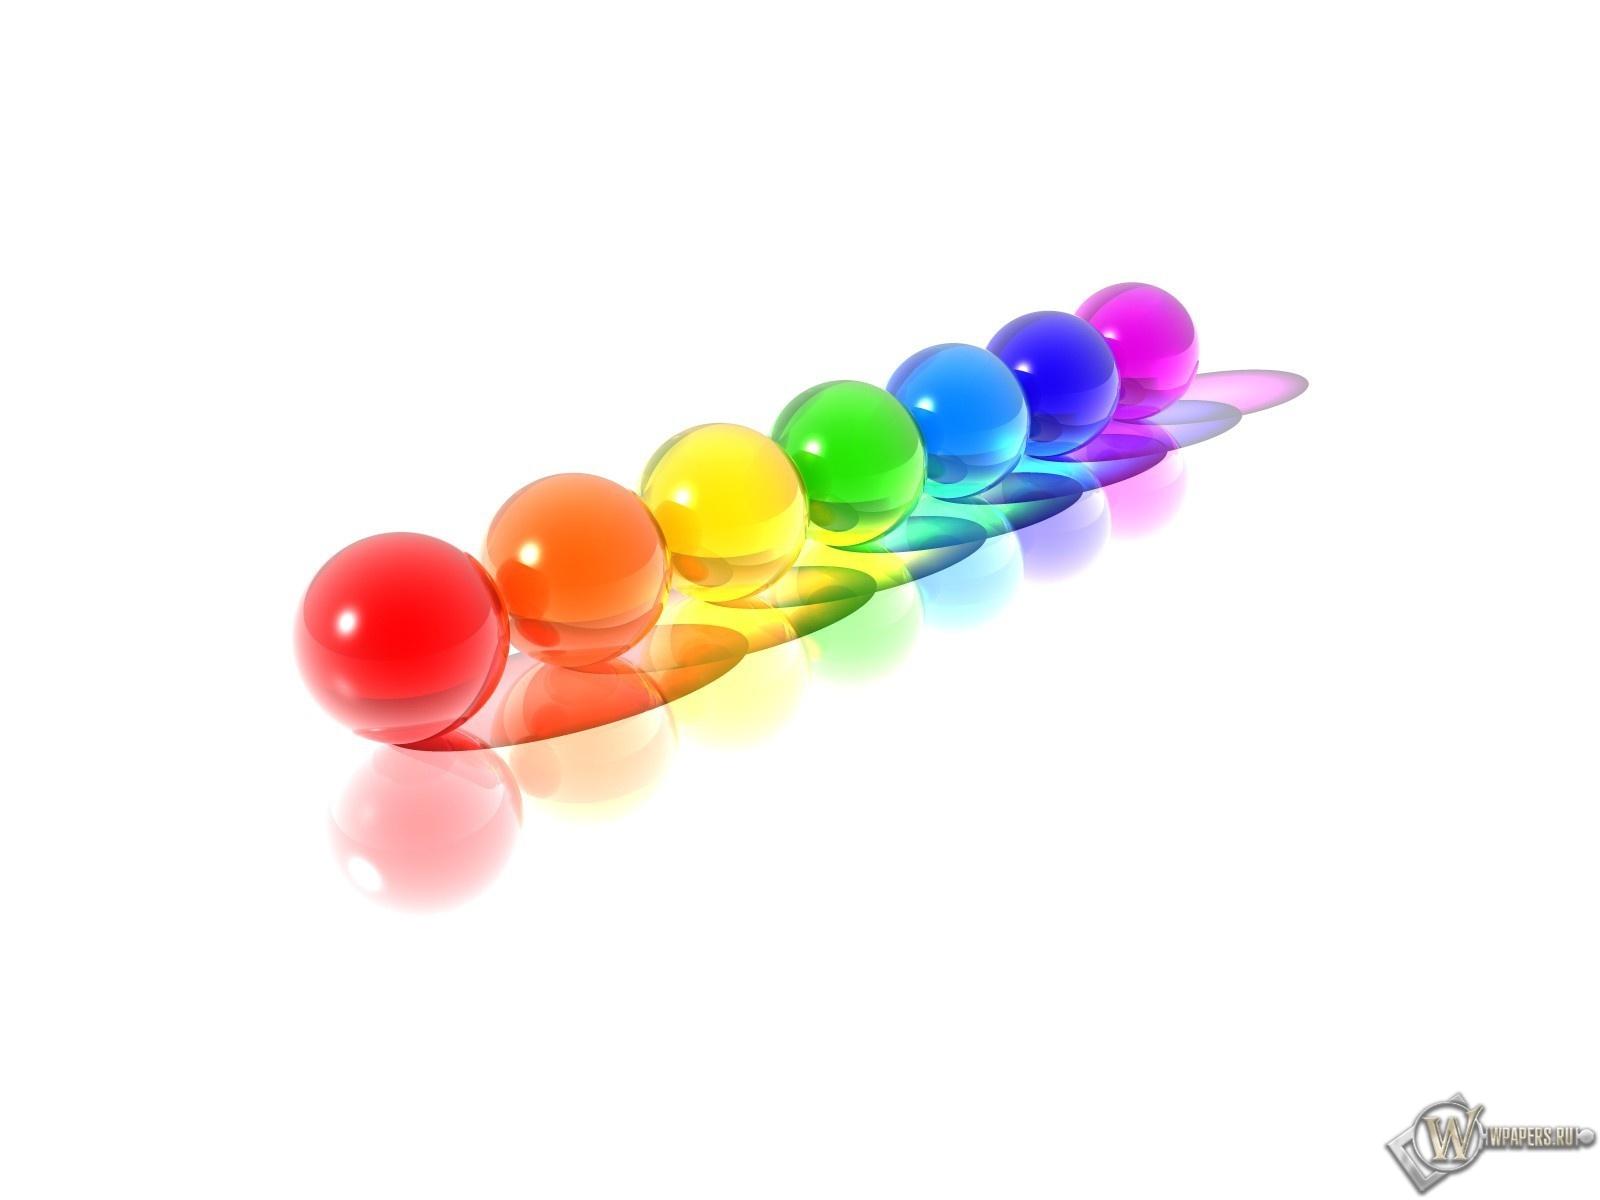 Разноцветные шарики 1600x1200